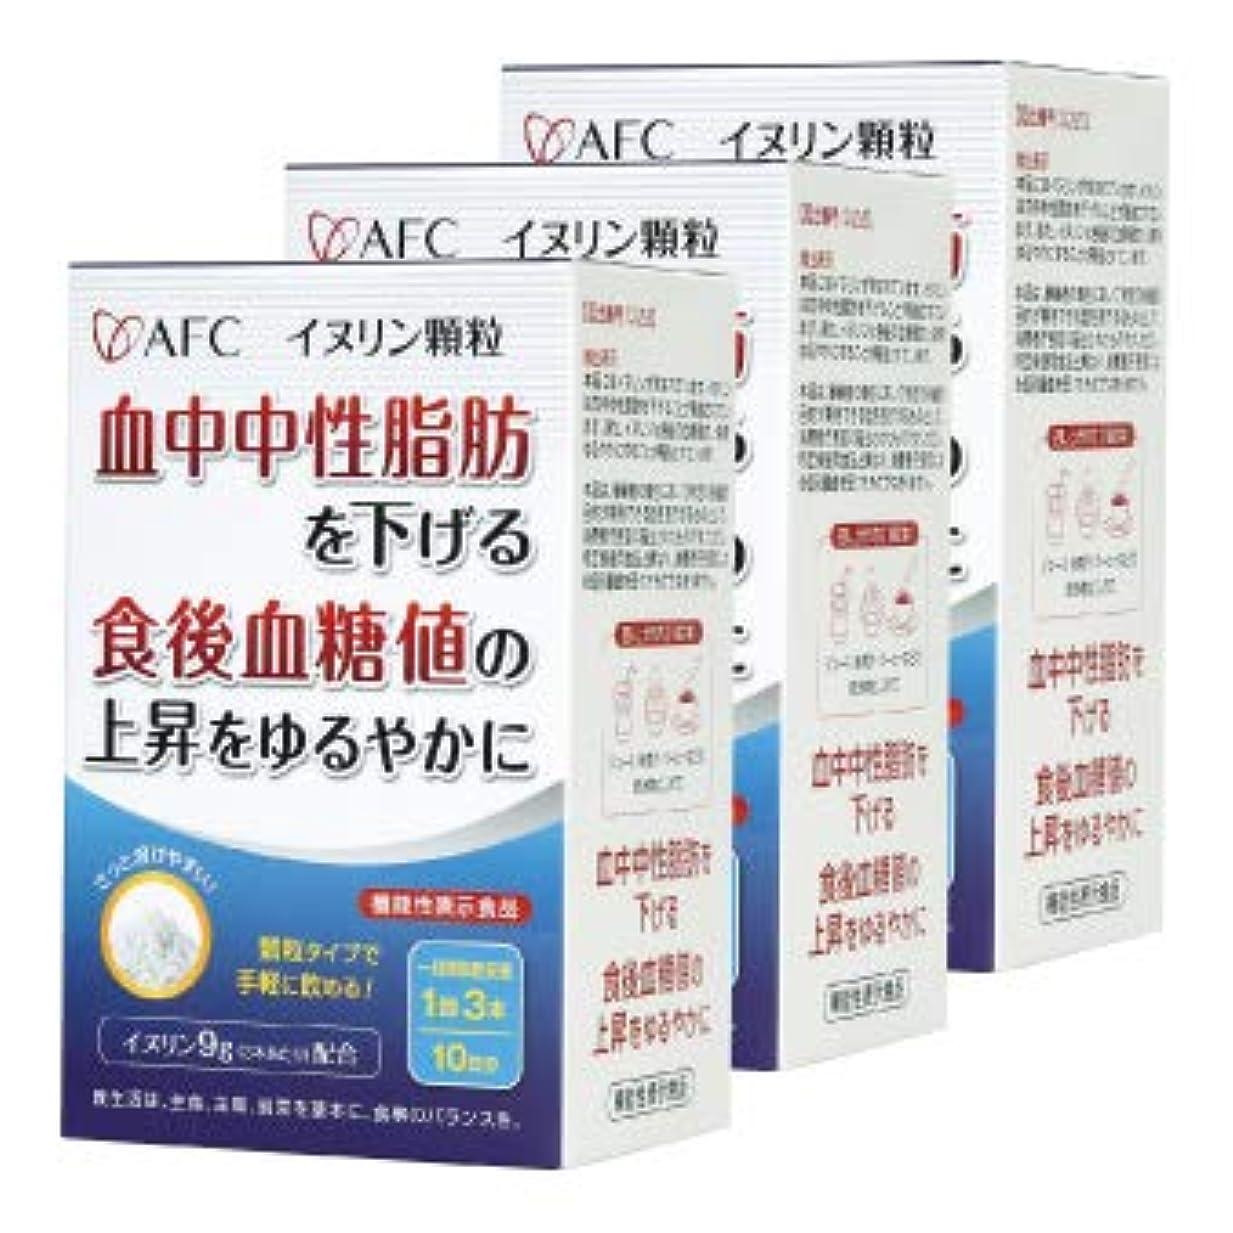 【AFC公式ショップ】[機能性表示食品]イヌリン 10日分 3個セット